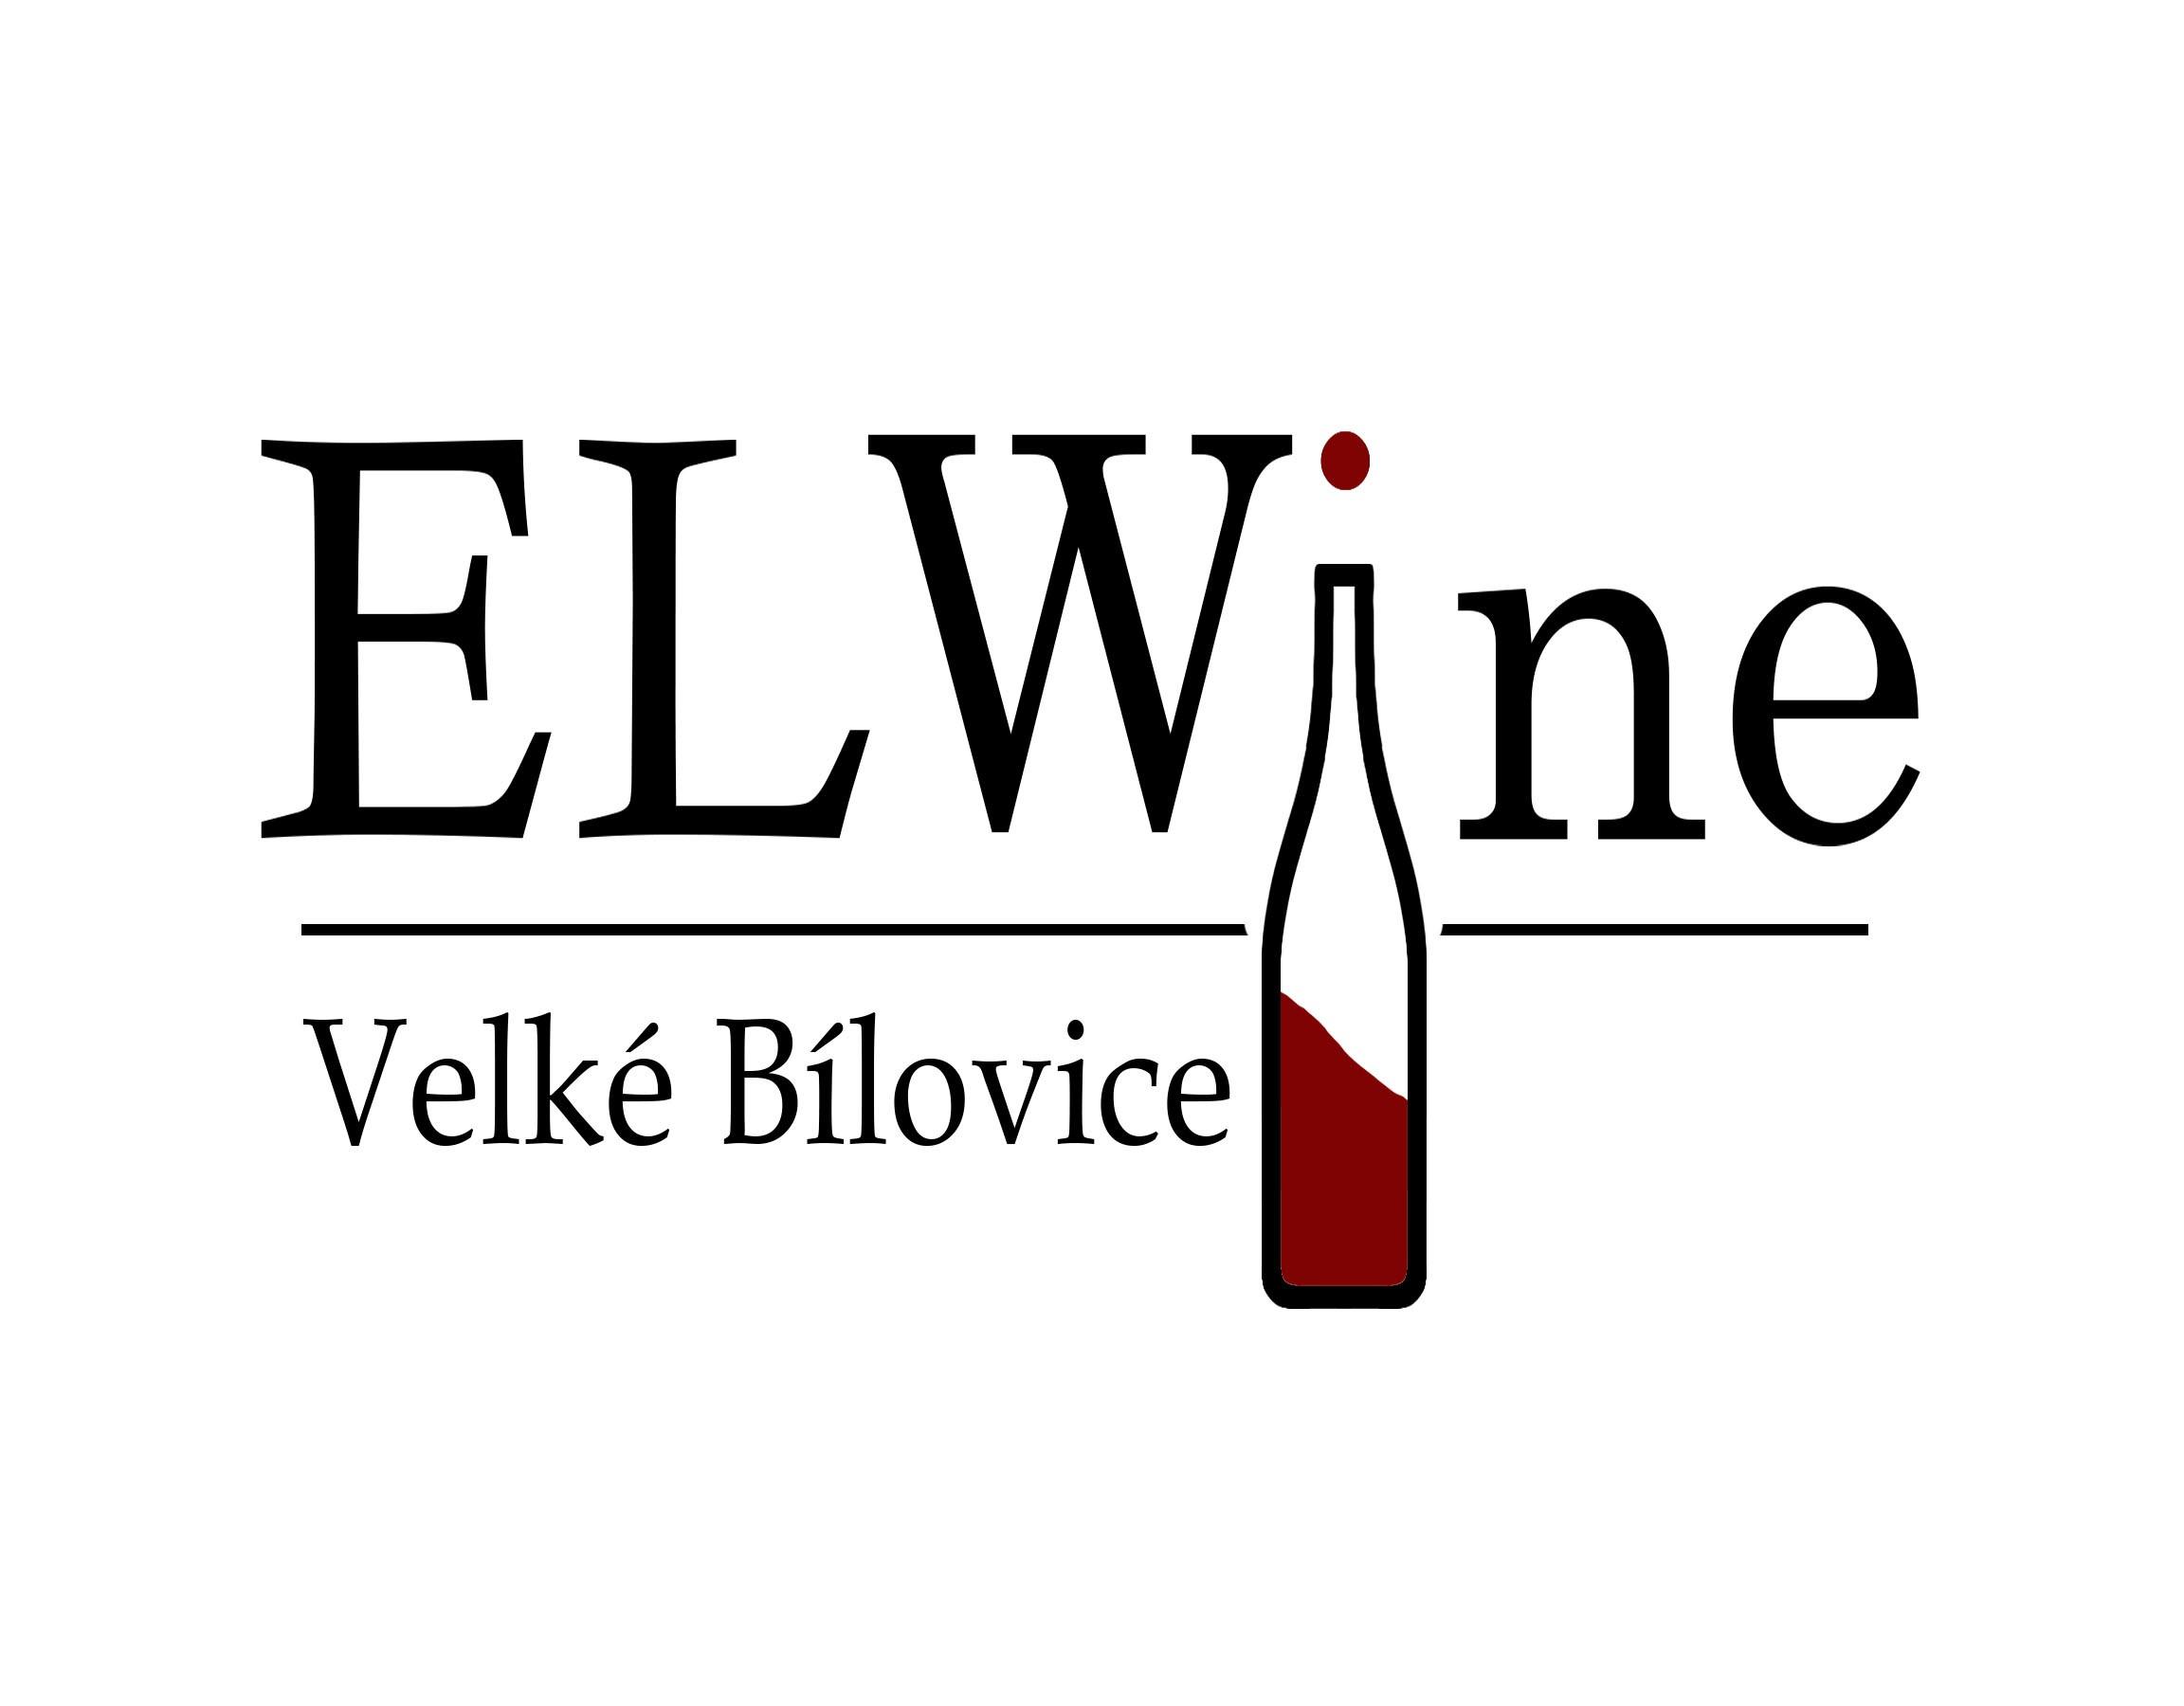 Elwine